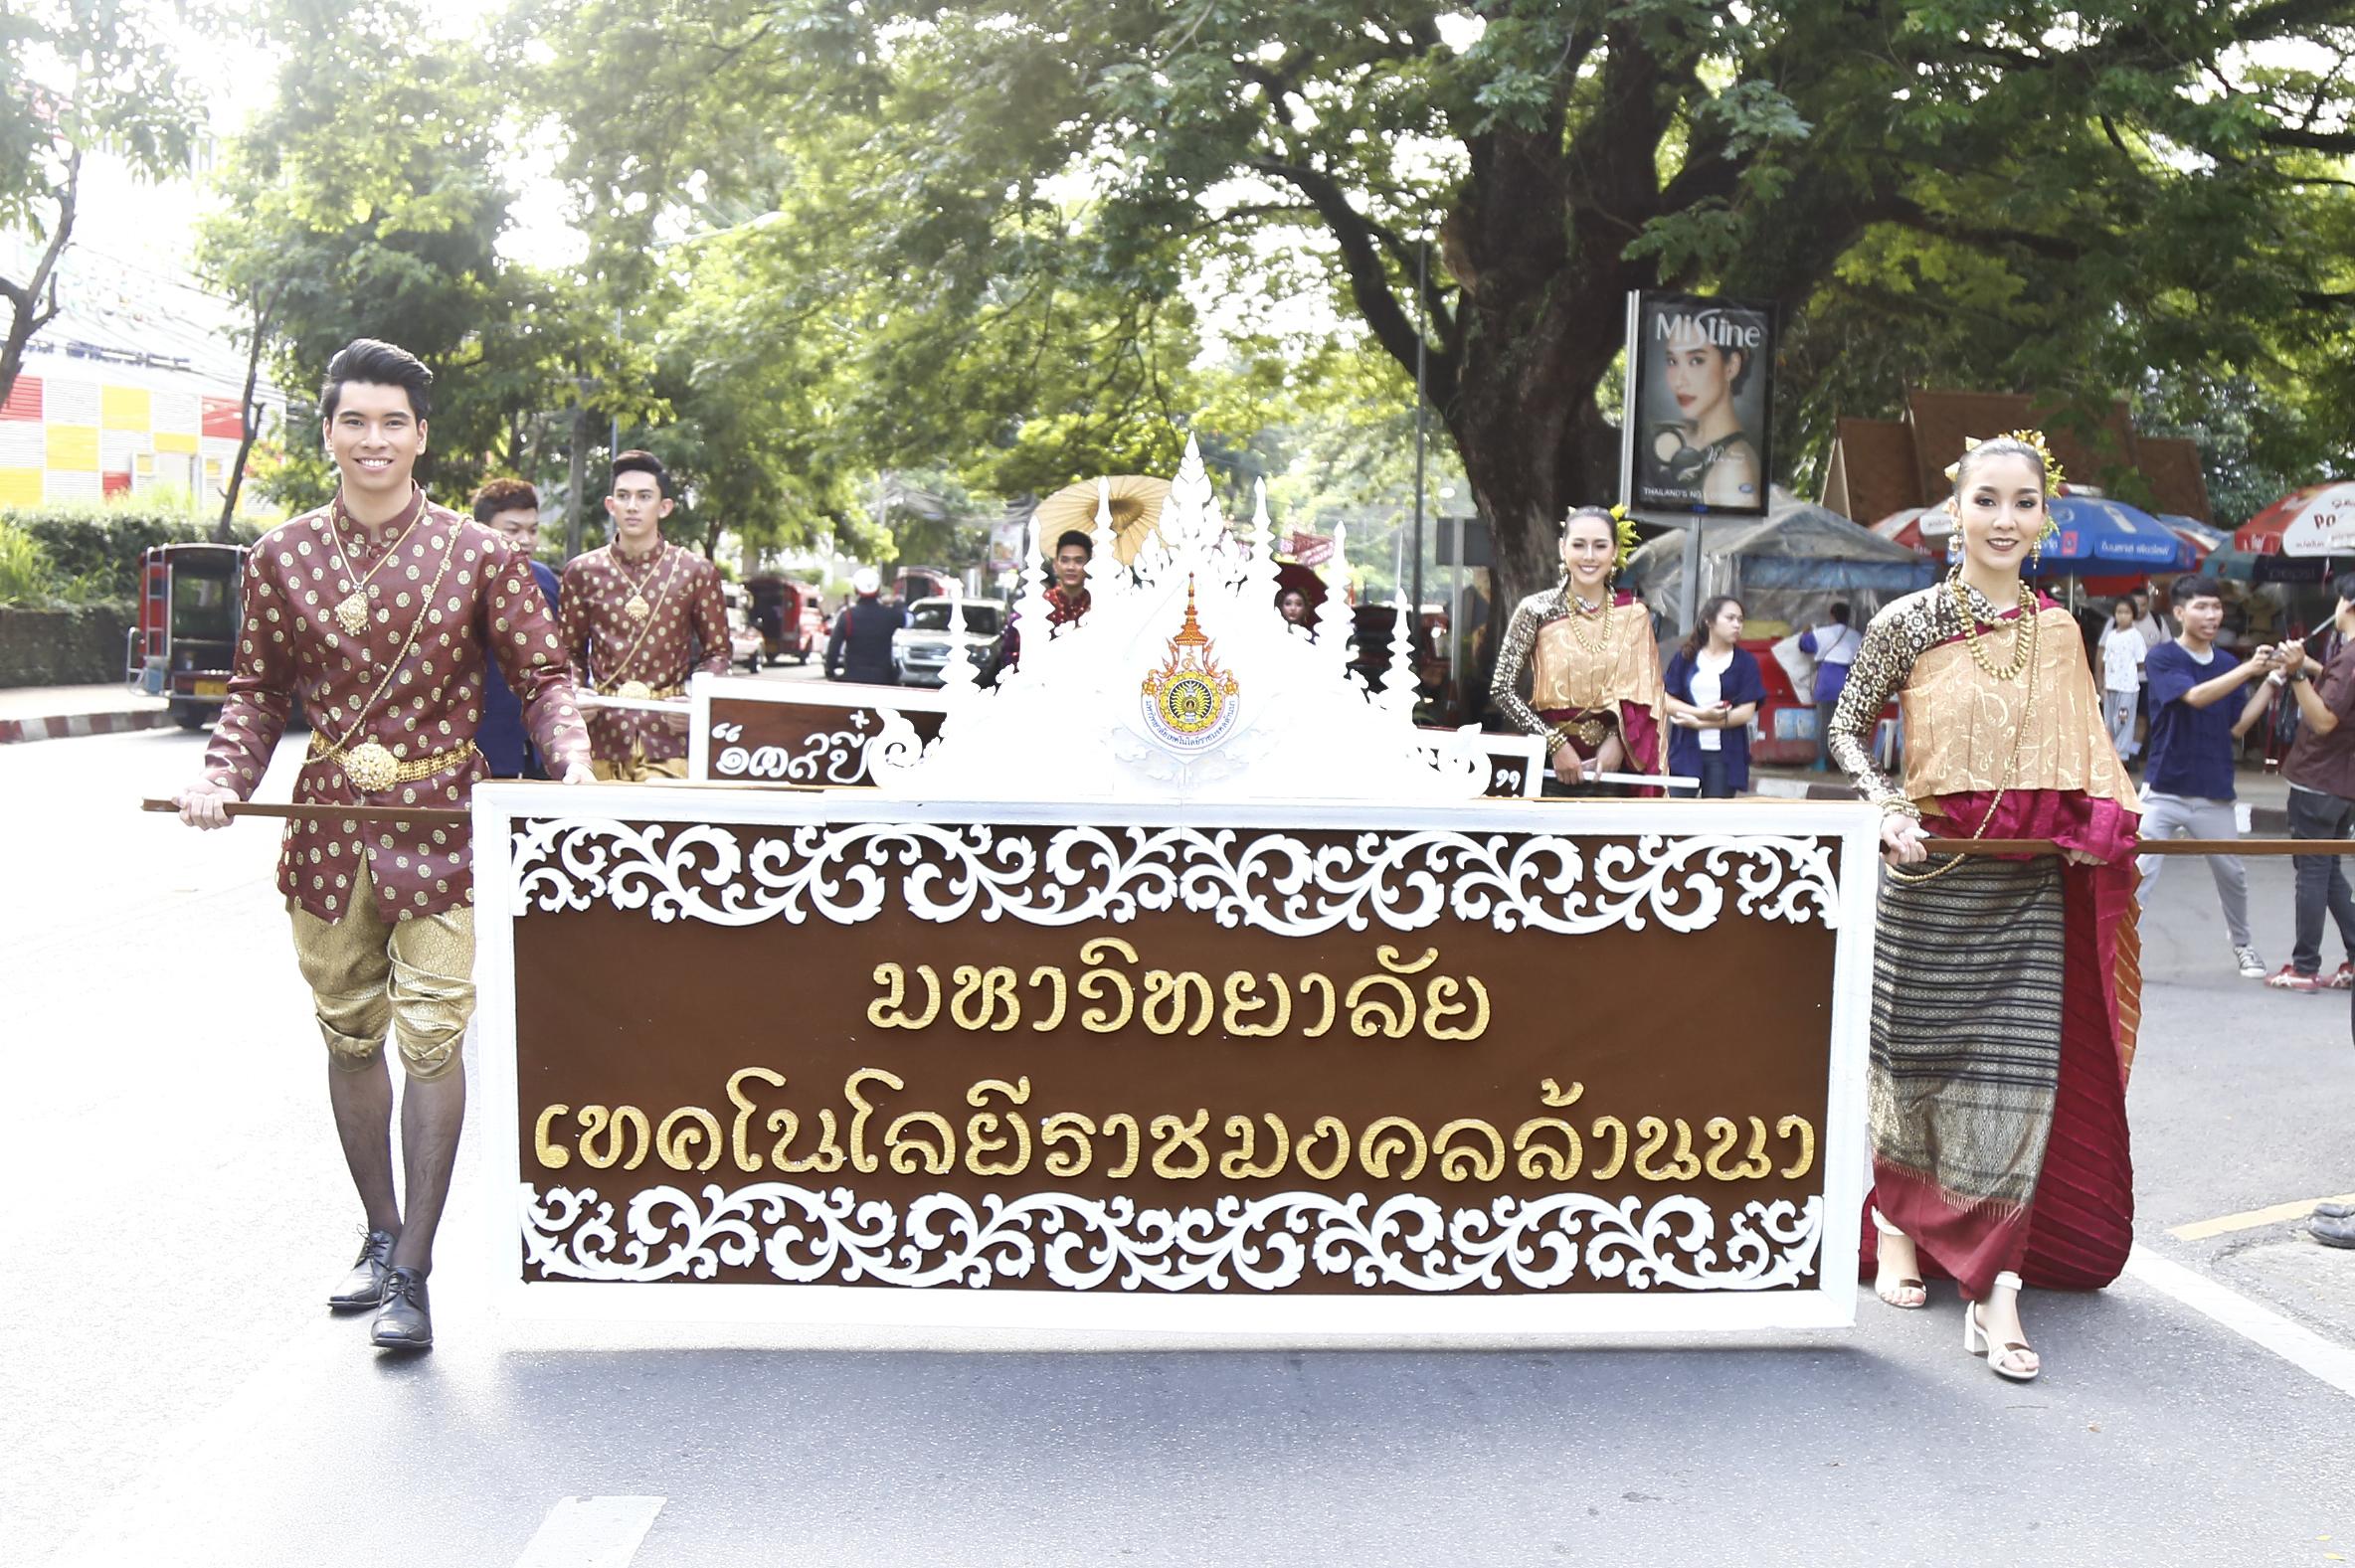 พิธีเดินขึ้นดอยและนมัสการครูบาศรีวิชัย ประจำปีการศึกษา 2560